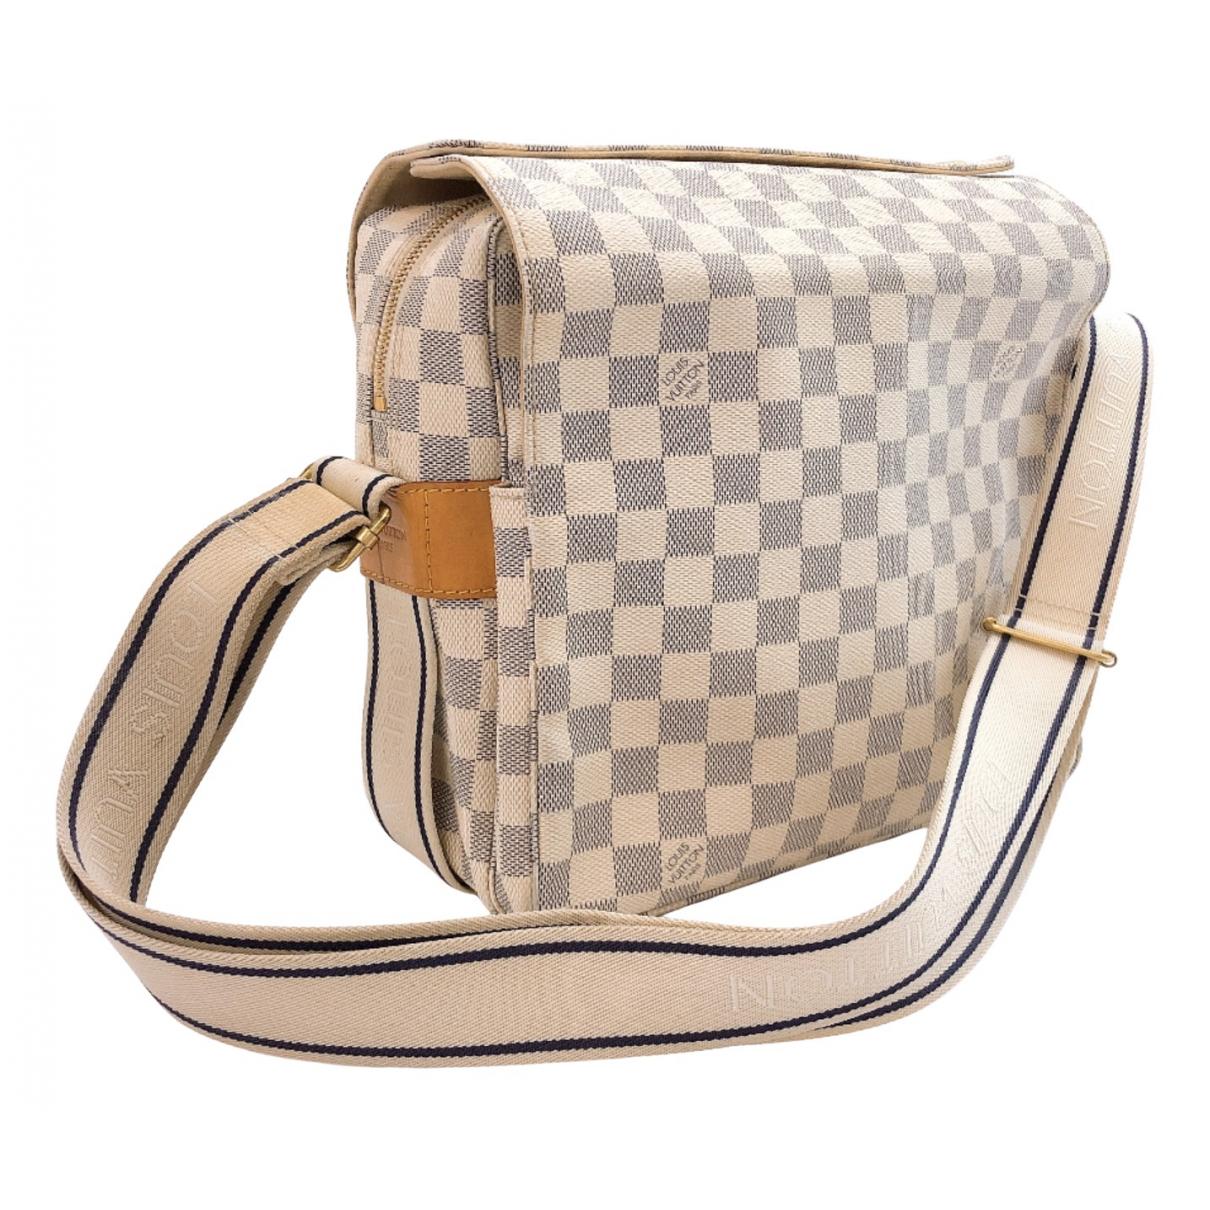 Louis Vuitton Naviglio Blue Cloth handbag for Women N